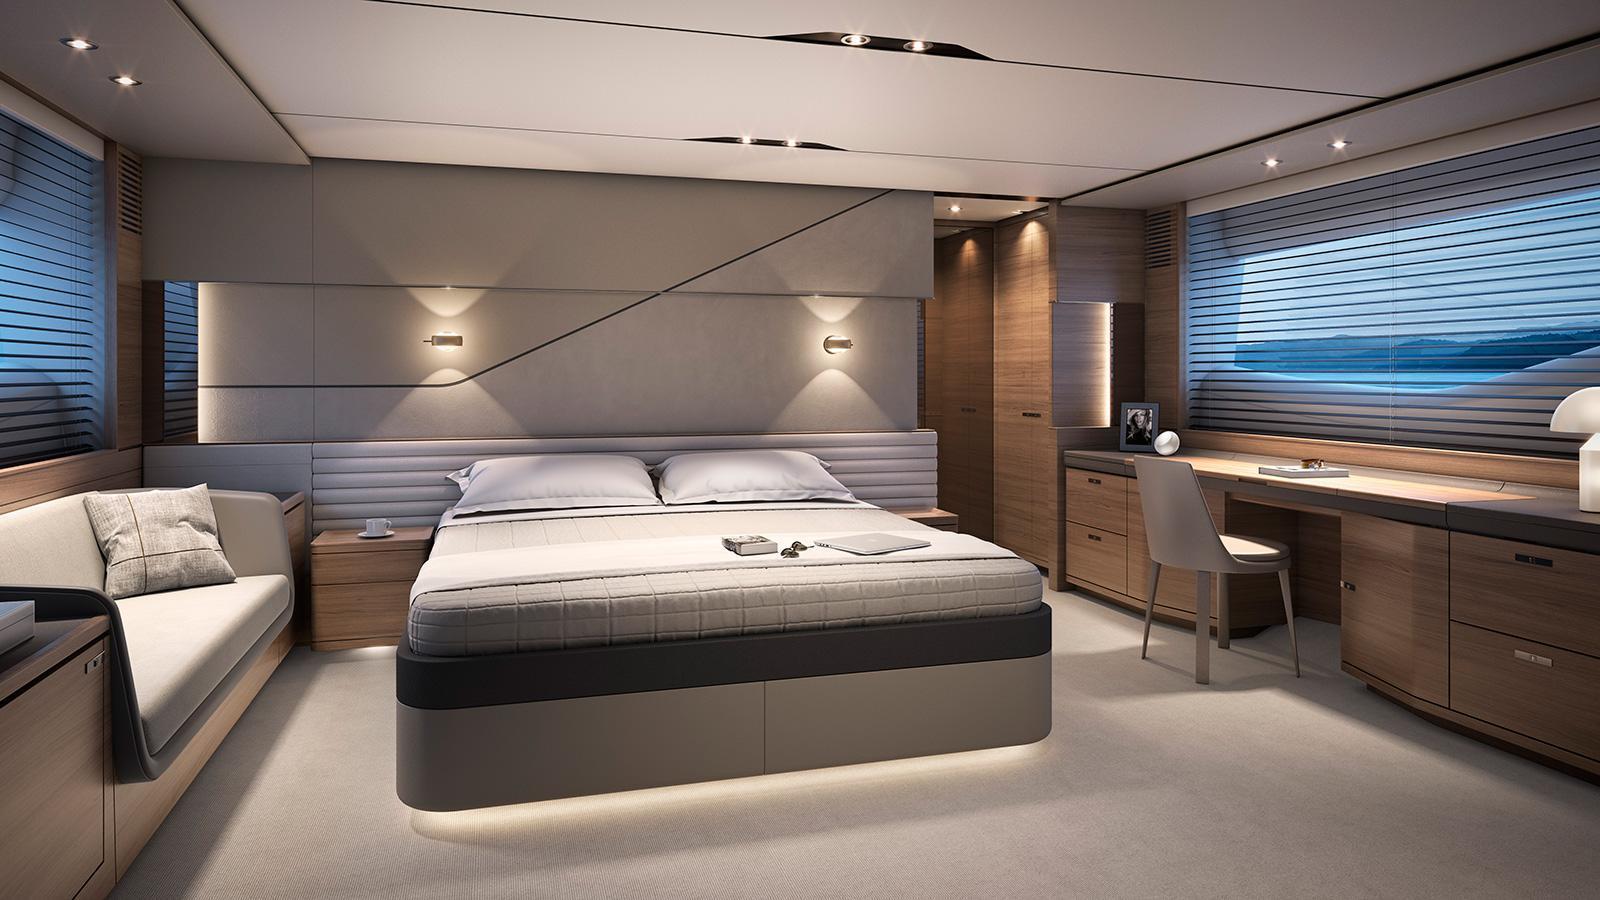 Princess S78 motoryacht Princess 24m 2019 master sistership